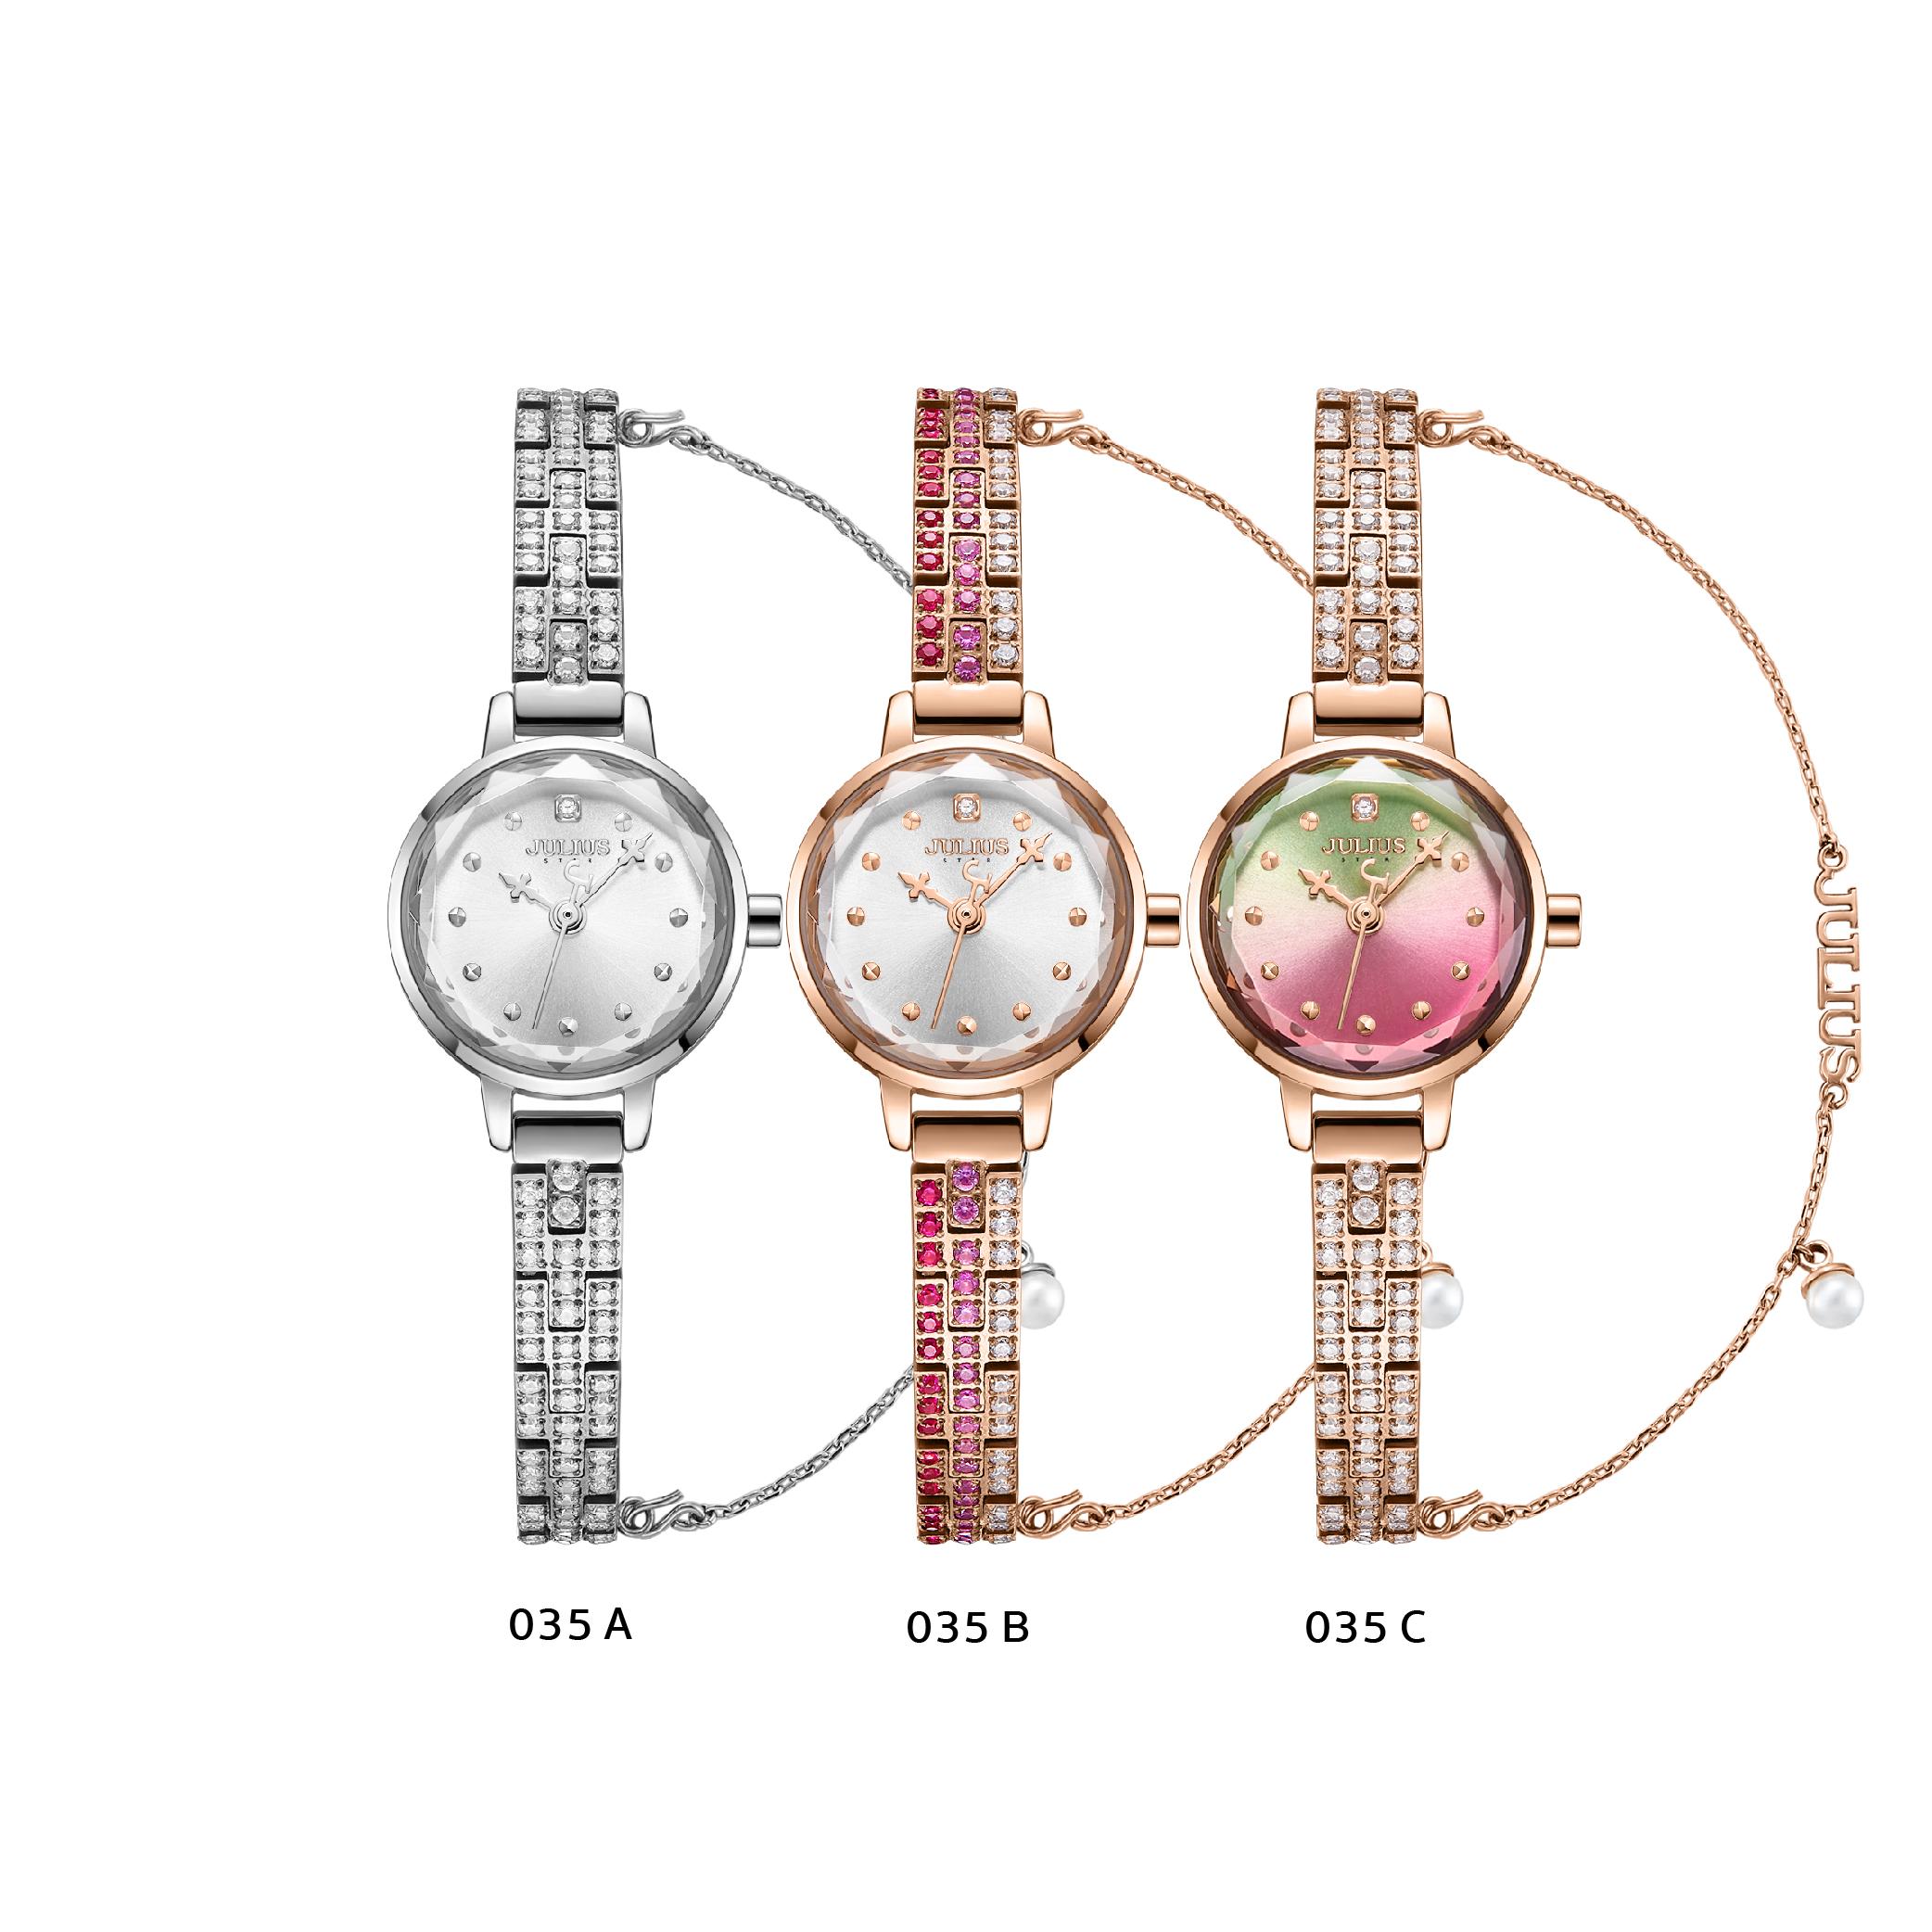 นาฬิกาข้อมือผู้หญิง JULIUS STAR 035B